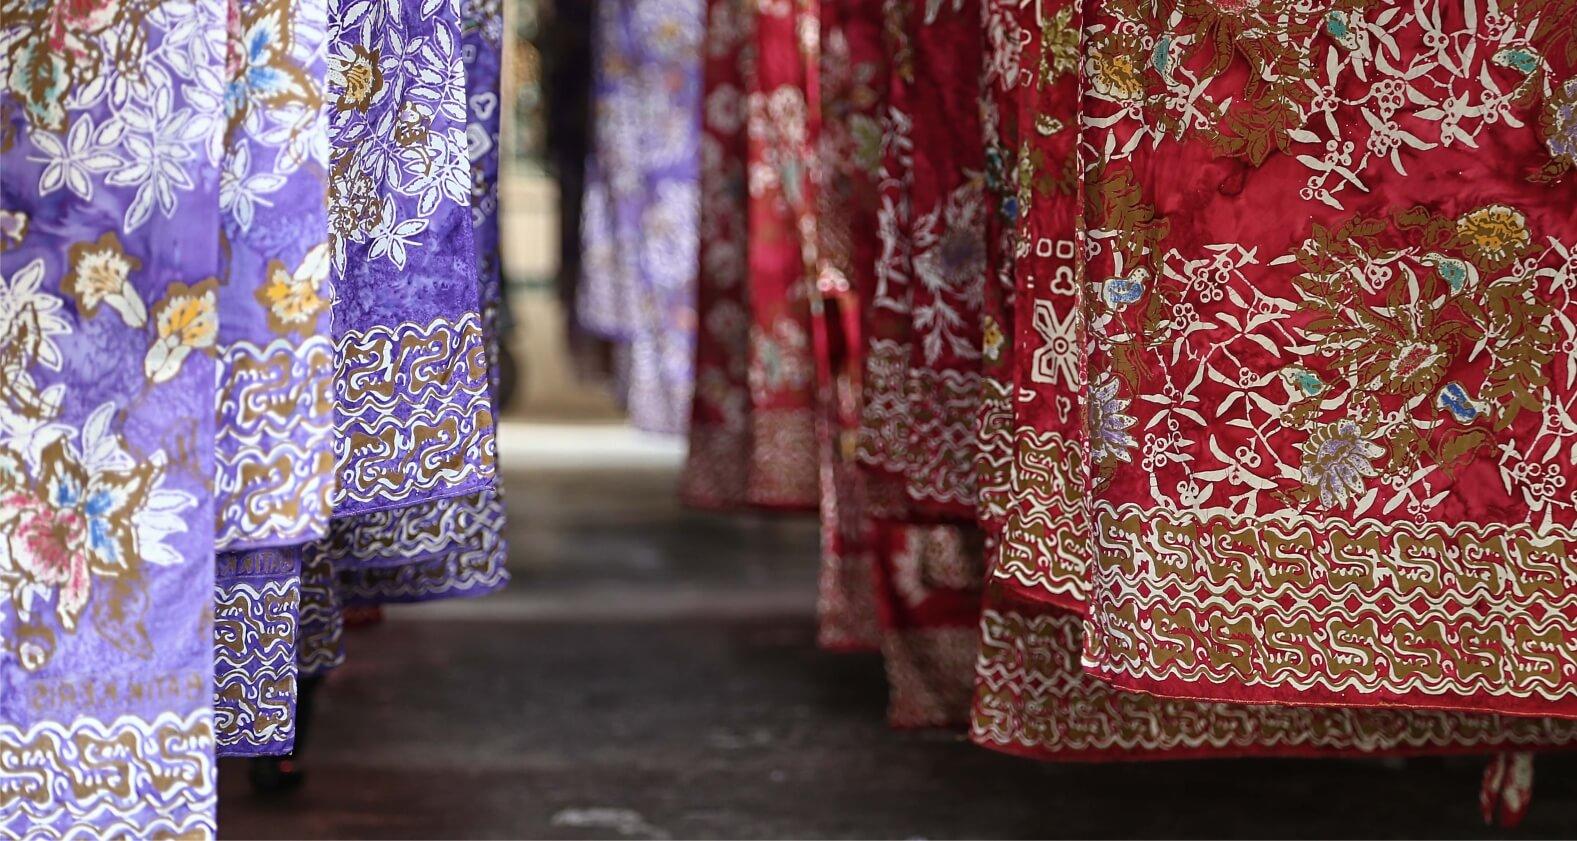 Hati-Hati Terhadap Produk Batik Keris Palsu